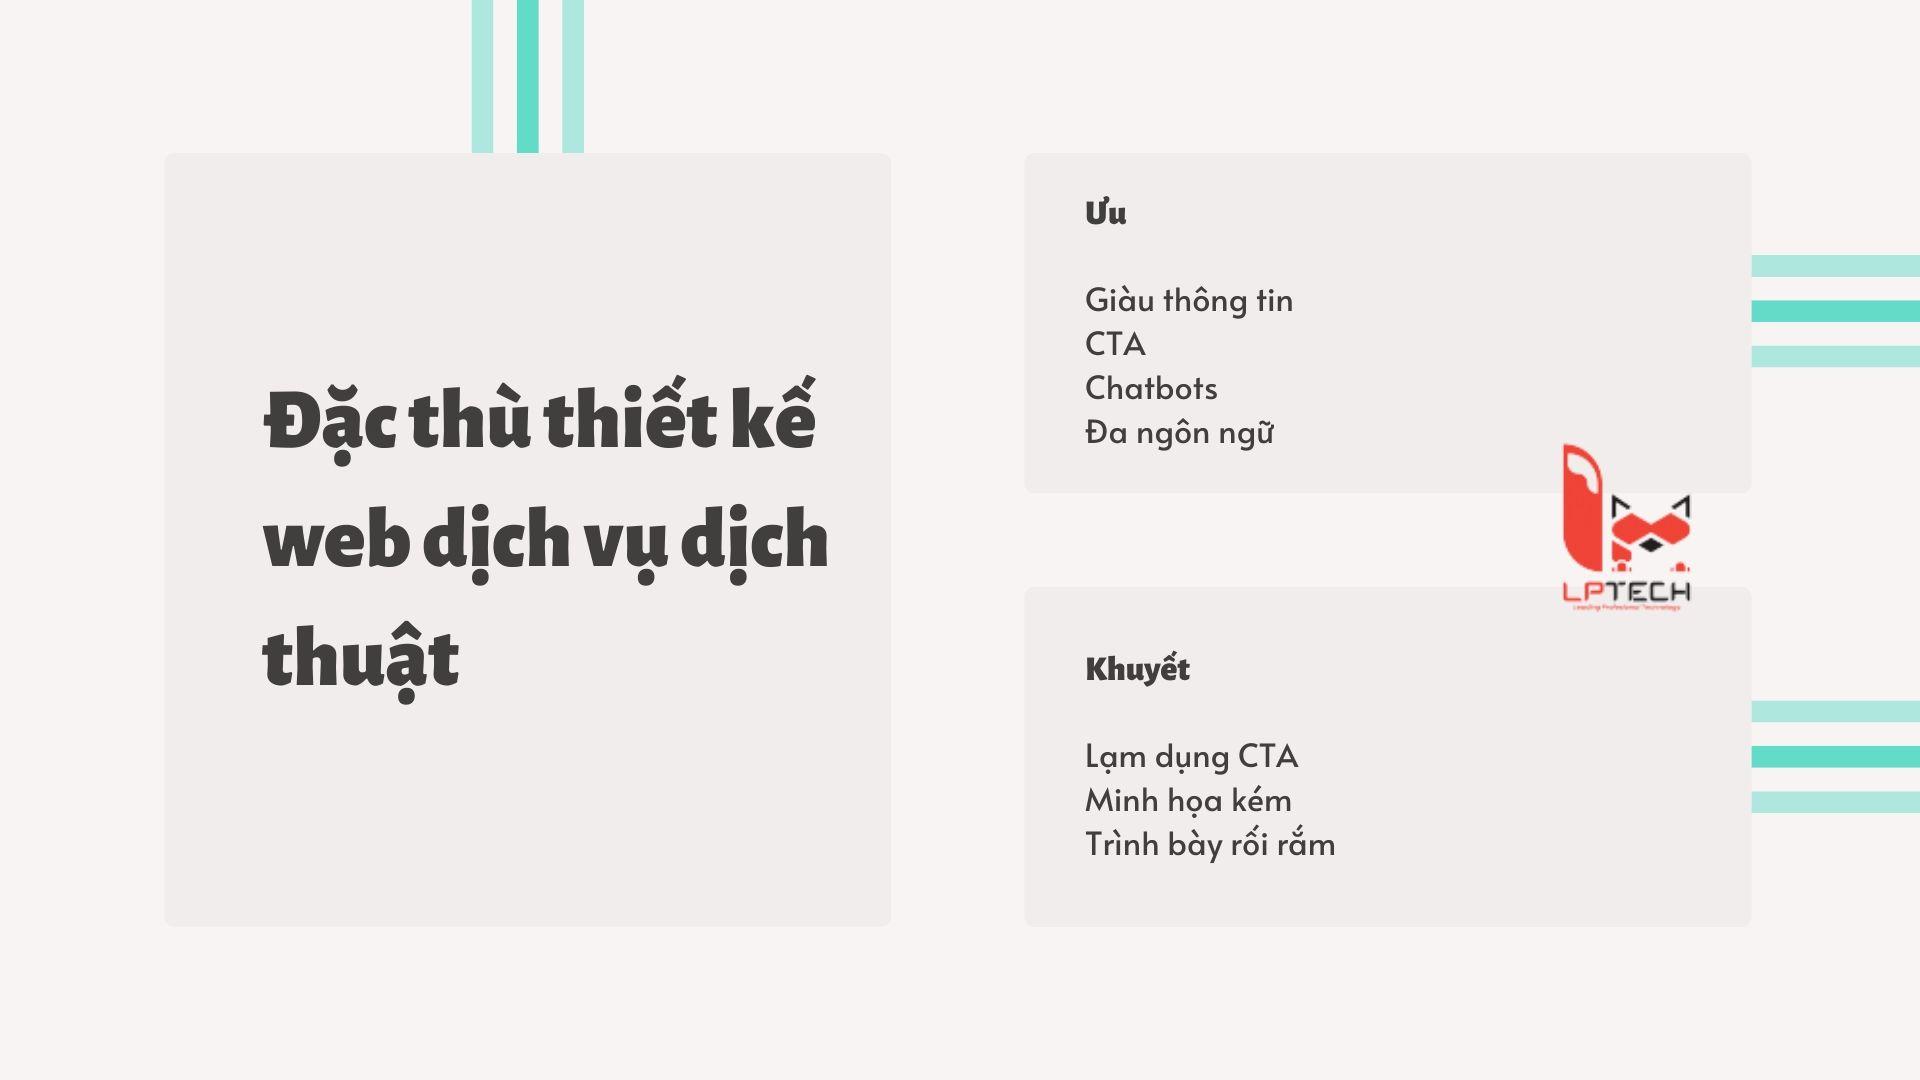 Đặc điểm của các thiết kế website trong dịch vụ dịch thuật hiện nay